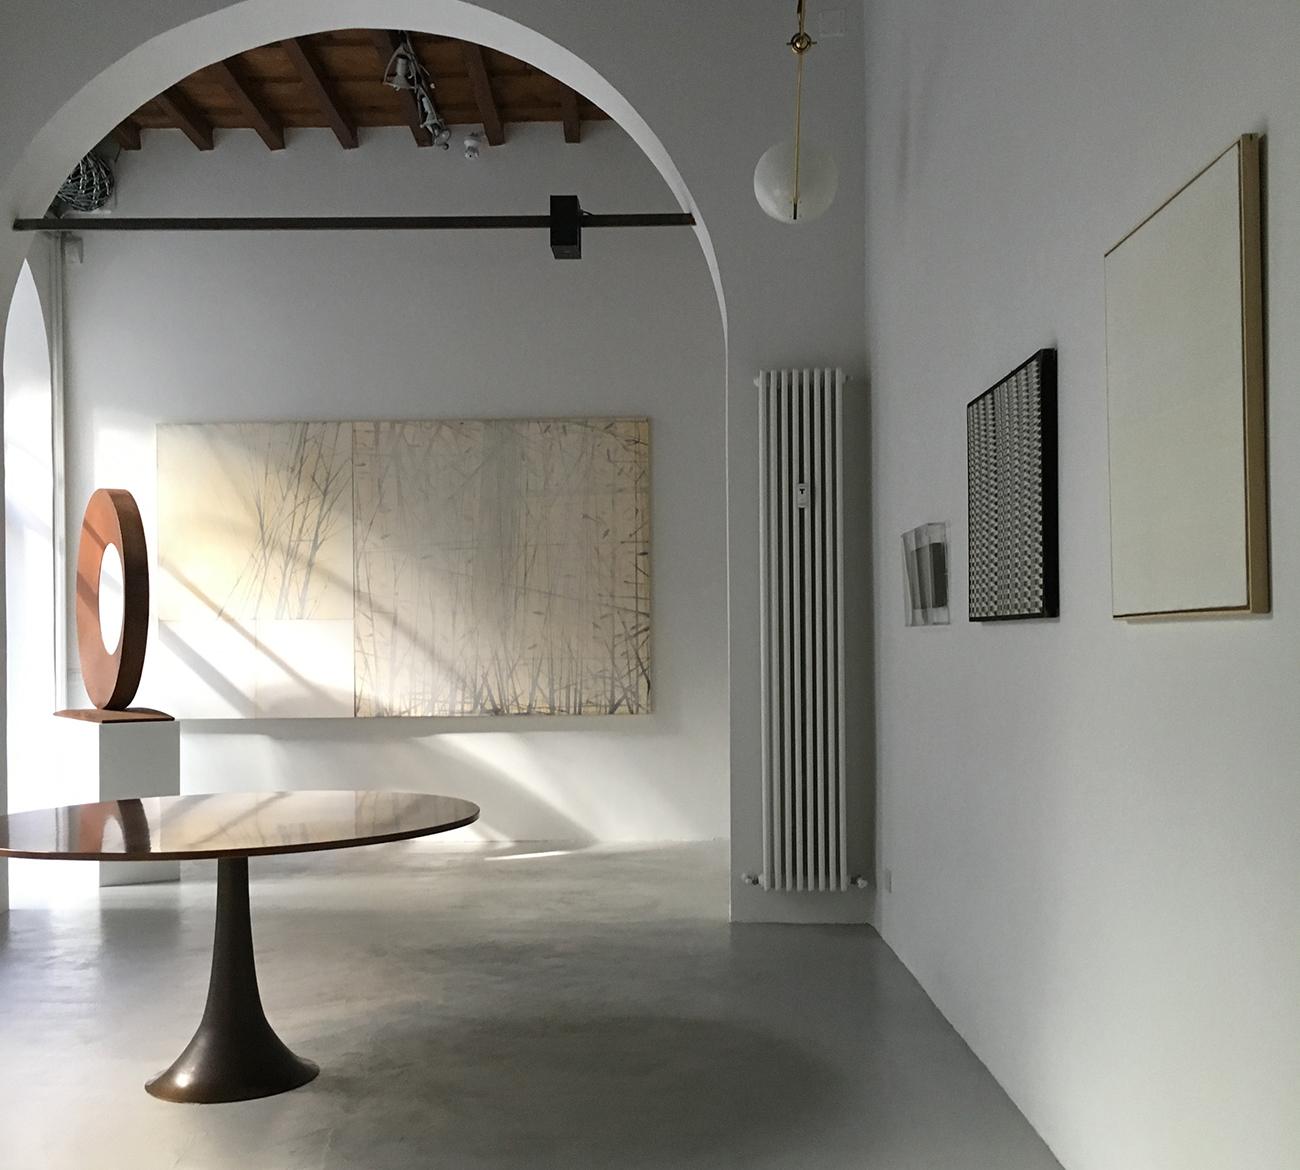 Events pagina 2 galleria michela cattai for Art design milano